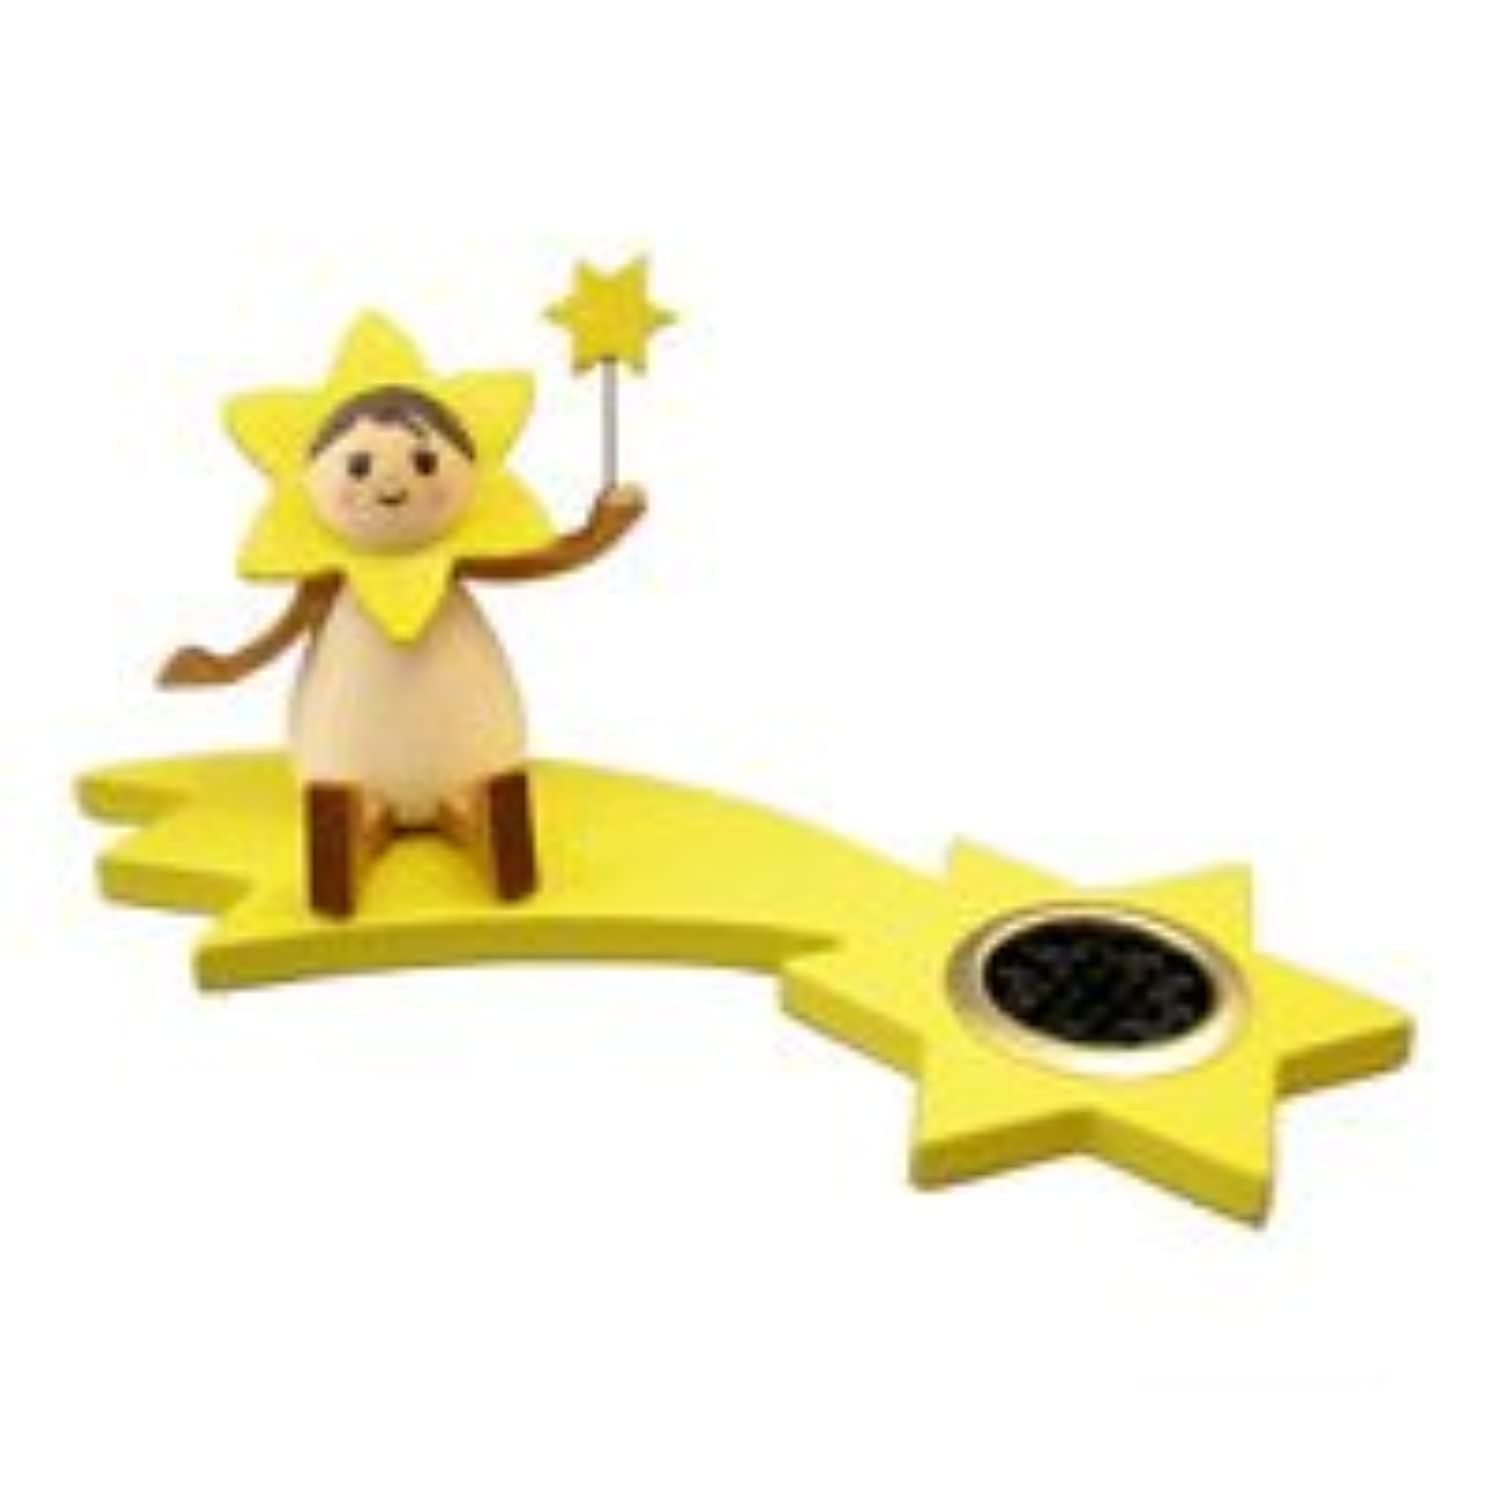 振動するカスケード連合クーネルト インセンススタンド(香皿) 星の妖精 スター(座り)